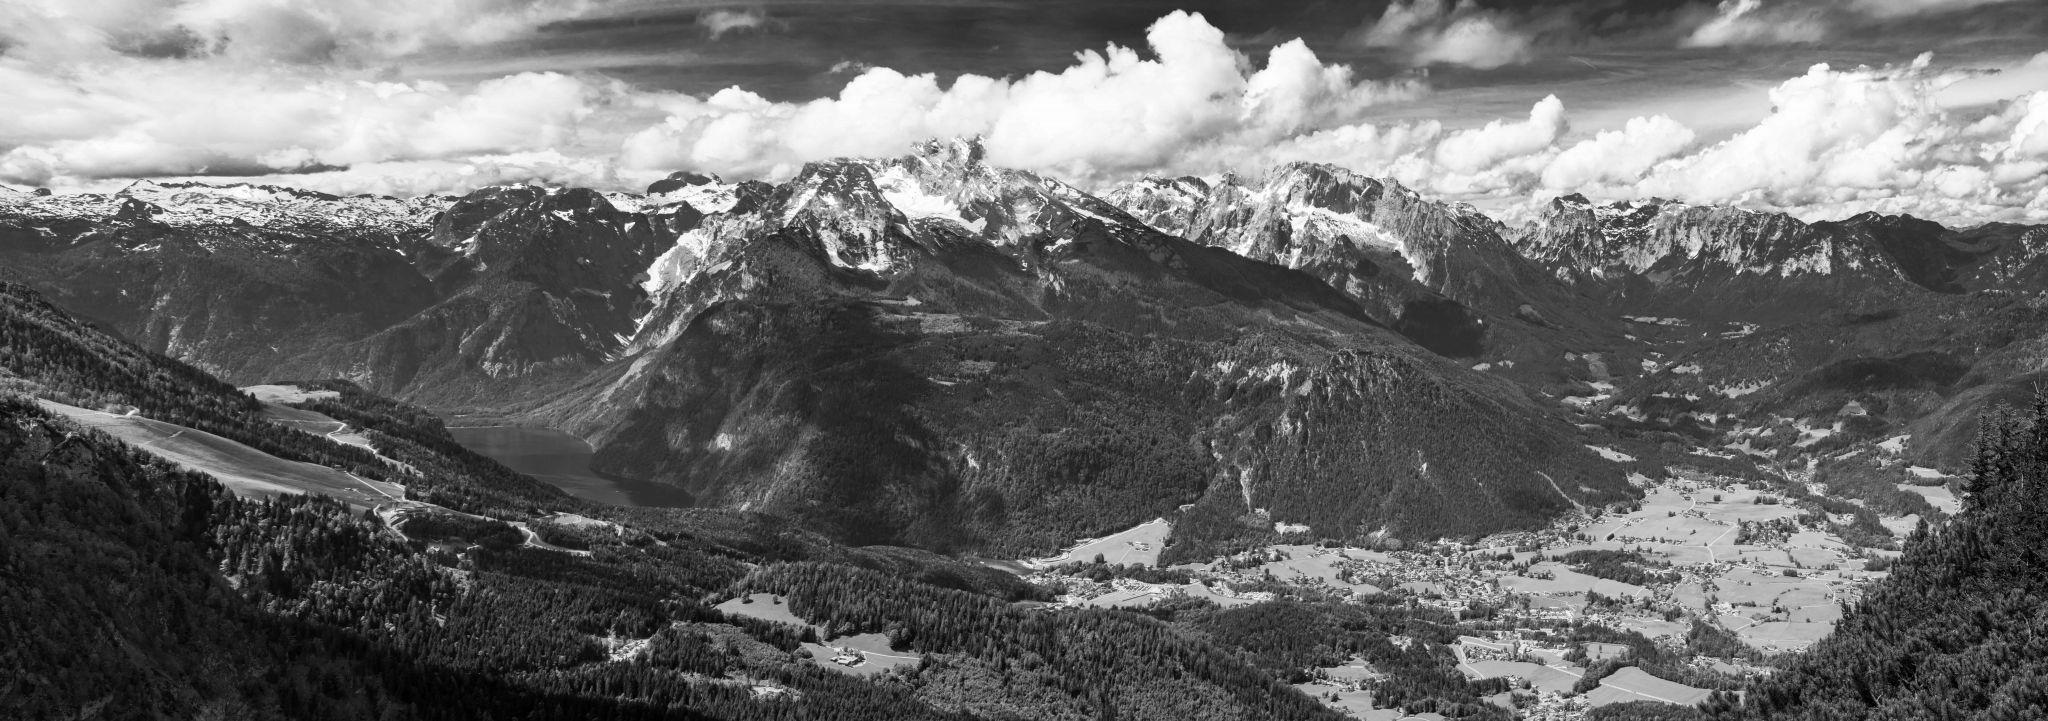 Berchtesgaden View, Germany